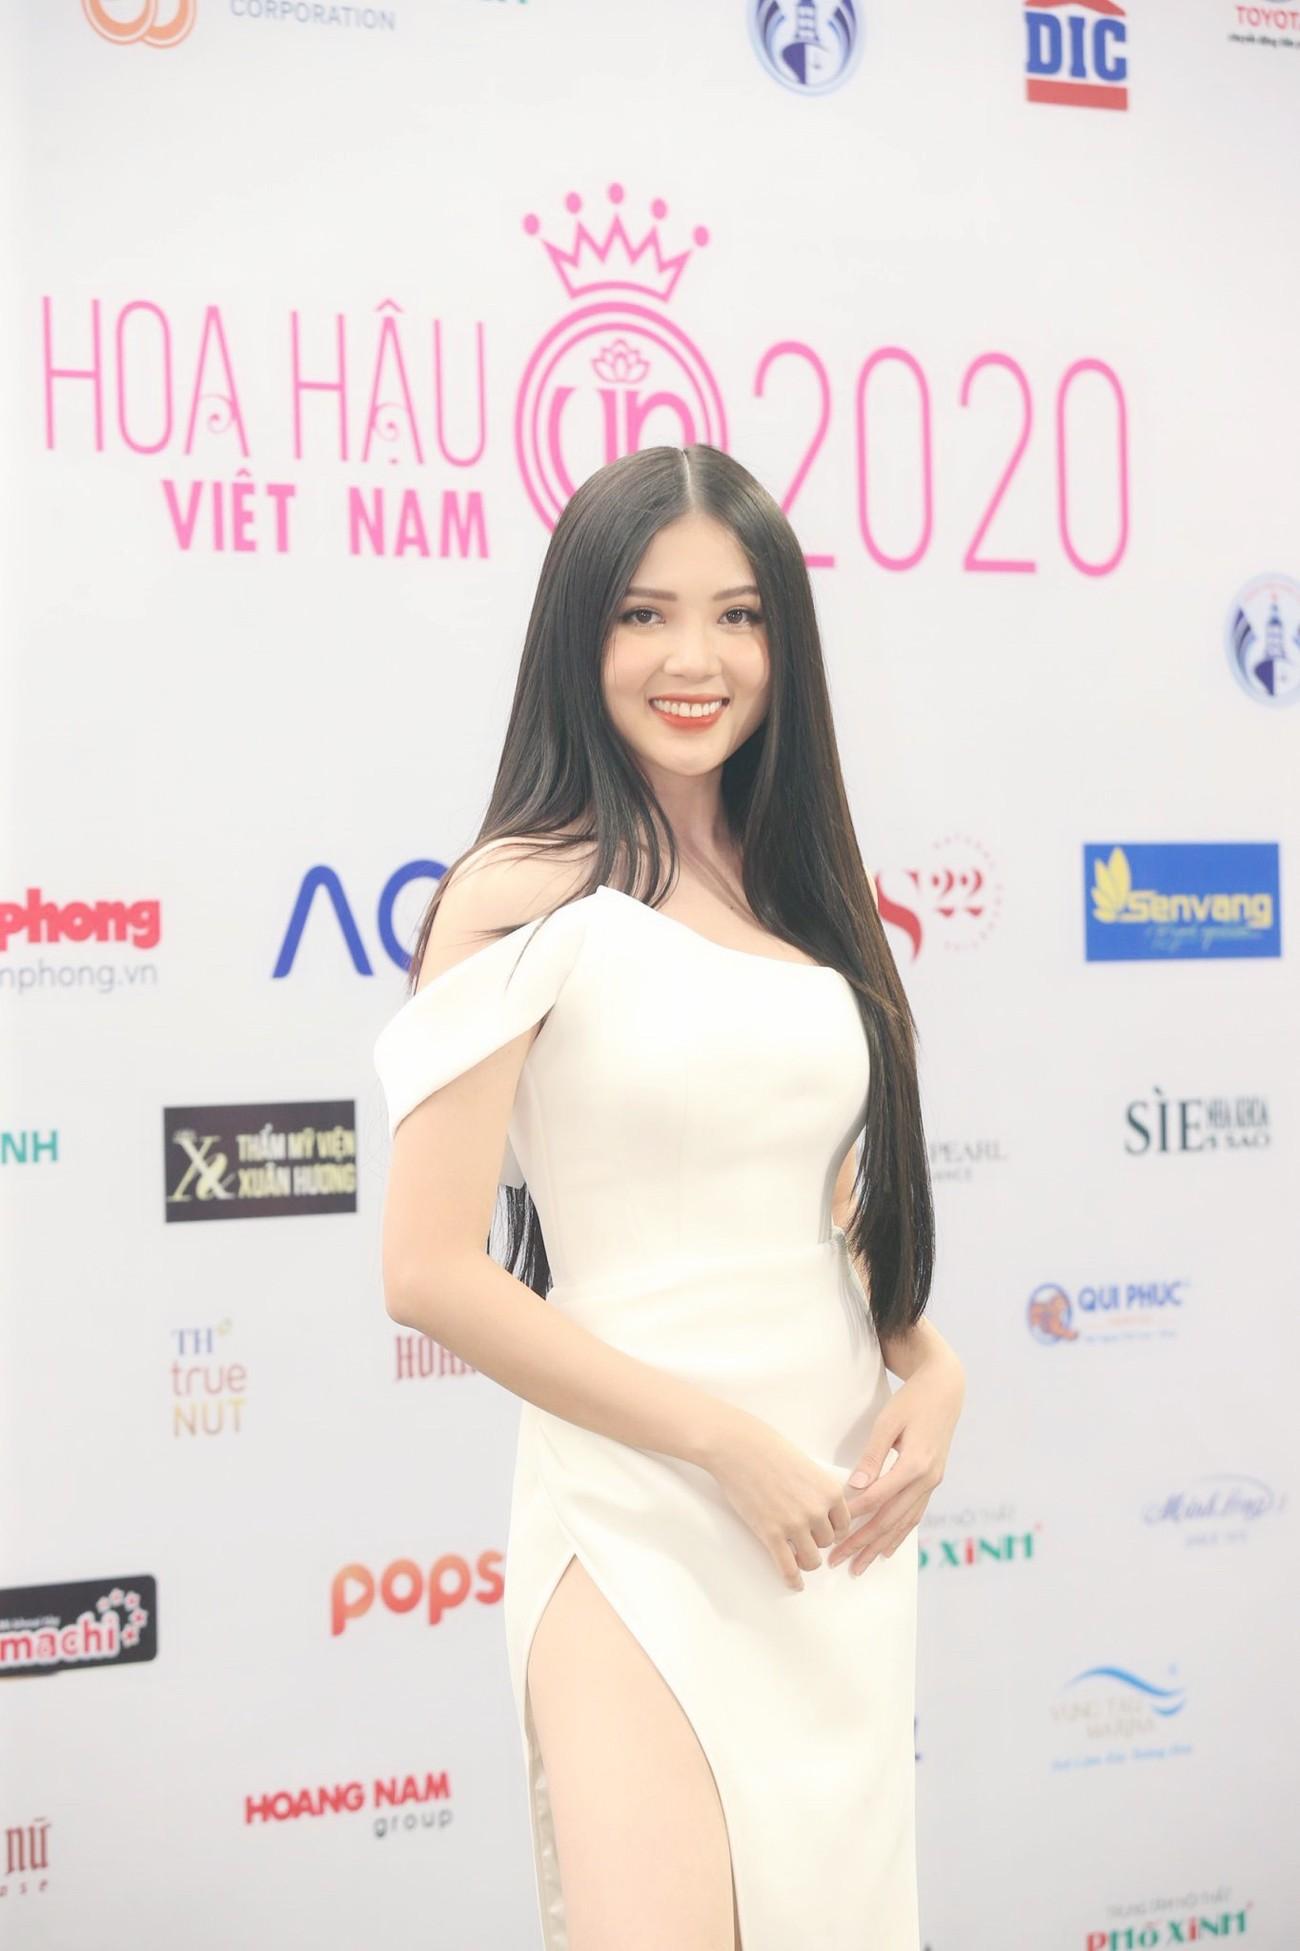 Dàn Hoa hậu, Á hậu khoe dáng nóng bỏng tại họp báo Chung kết toàn quốc HHVN 2020 ảnh 10